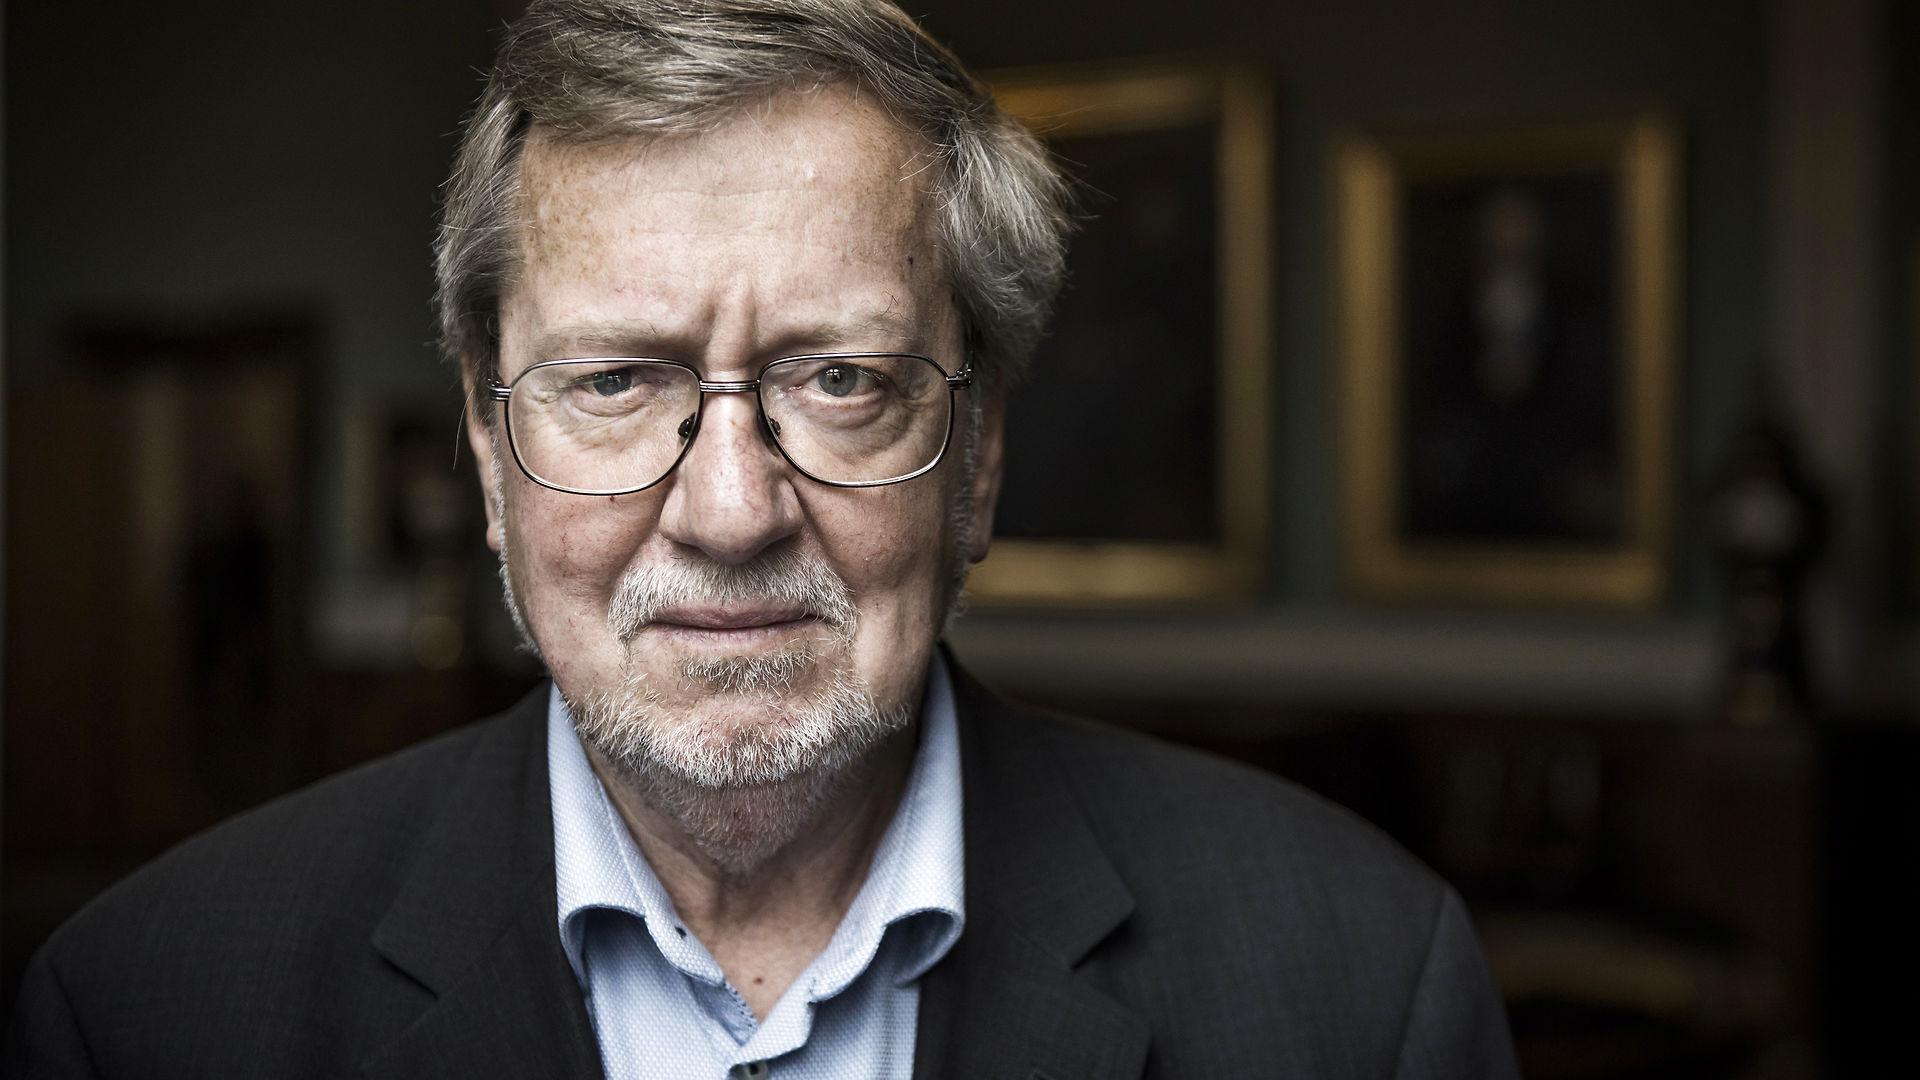 Per Stig Møller: Politikerne har ret til at gøre opmærksom på, når forskere misbruger deres forskerautoritet til at føre politik